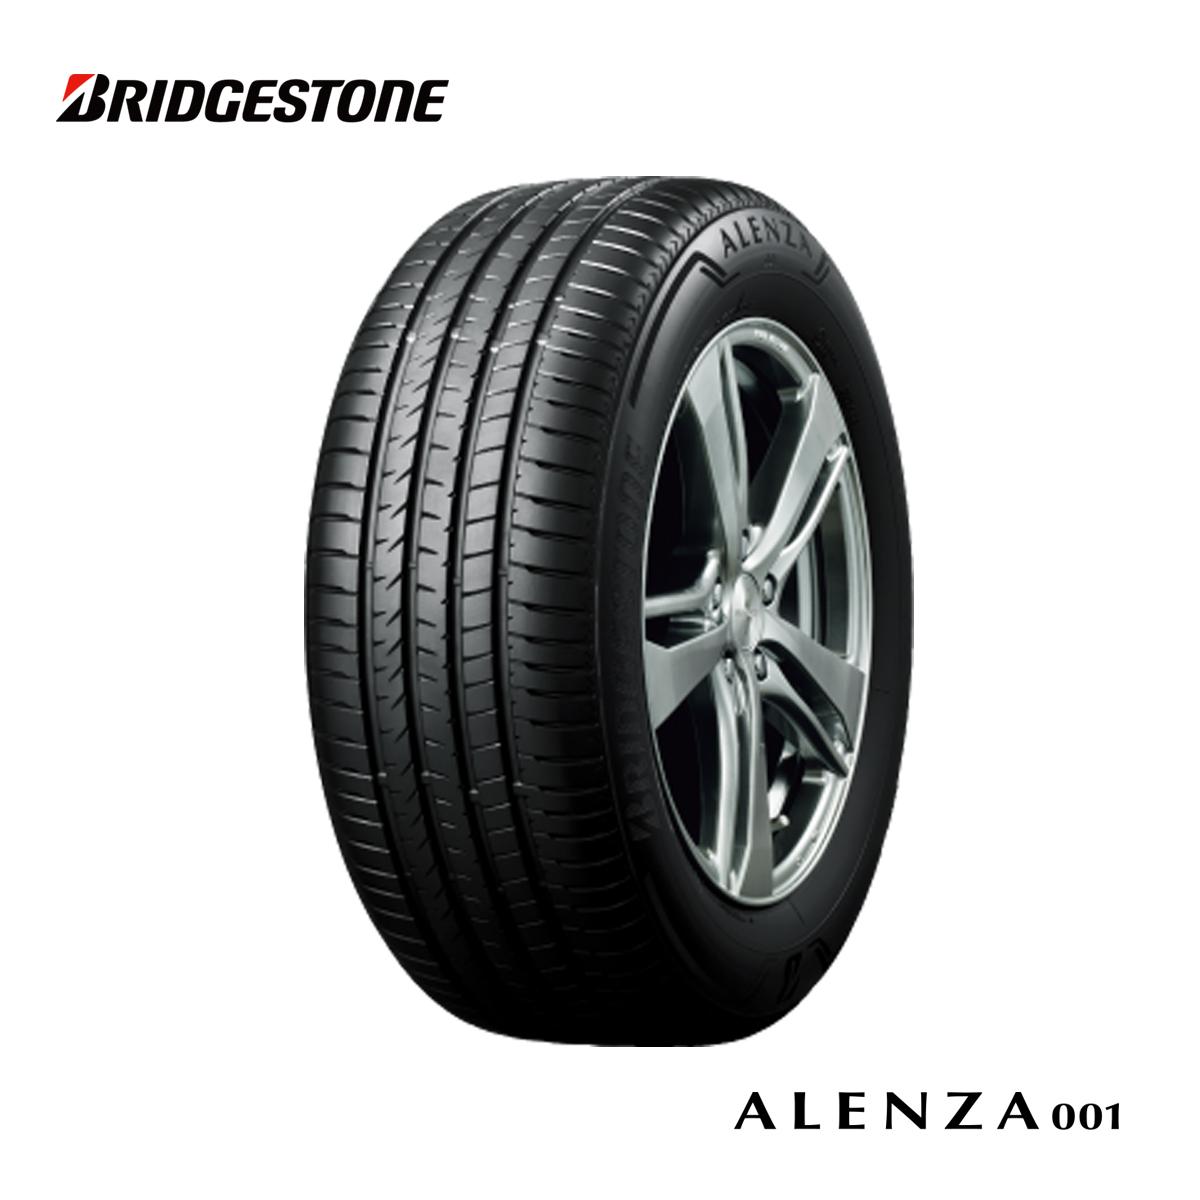 ブリヂストン BS 18インチ タイヤ 225/55R18 225 55 18 アレンザ サマー タイヤ 1本 SUV 夏 サマー タイヤ BRIDGESTONE ALENZA 001